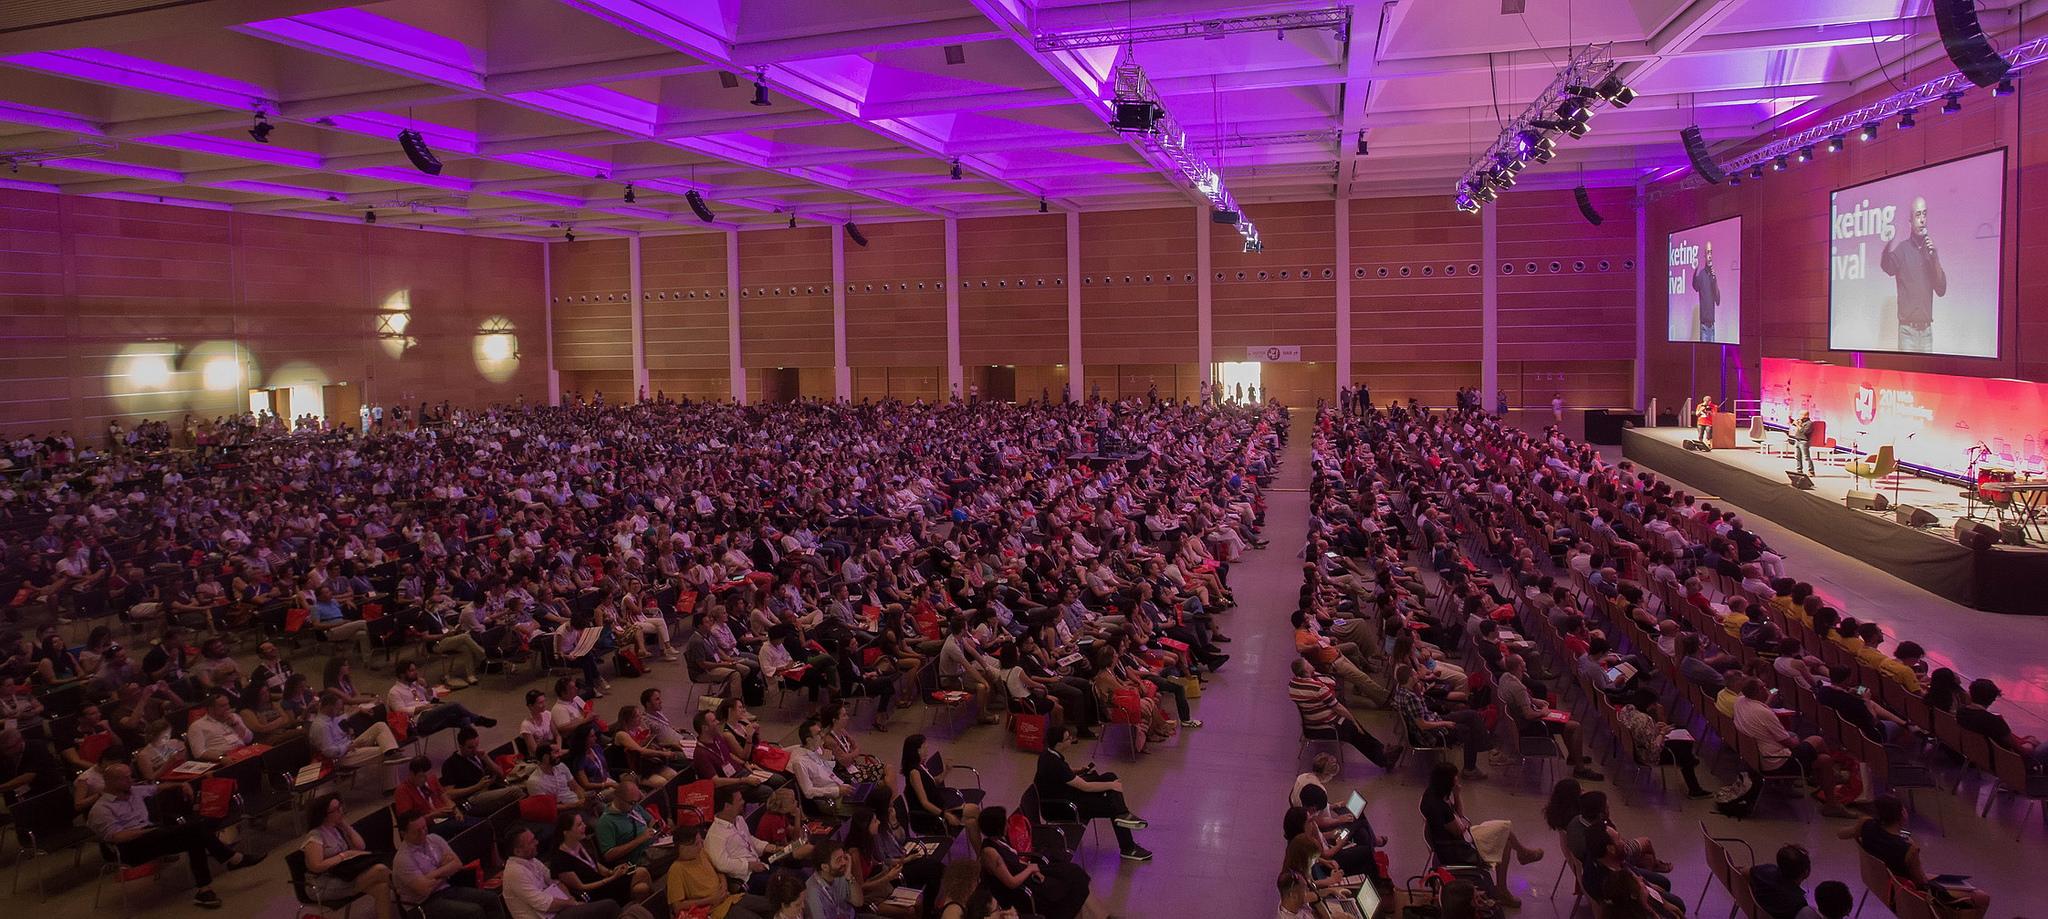 WMF plenaria - #WMF17 Torna il Web Marketing Festival. Appuntamento il 23-24 Giugno a Rimini per la 5^ edizione